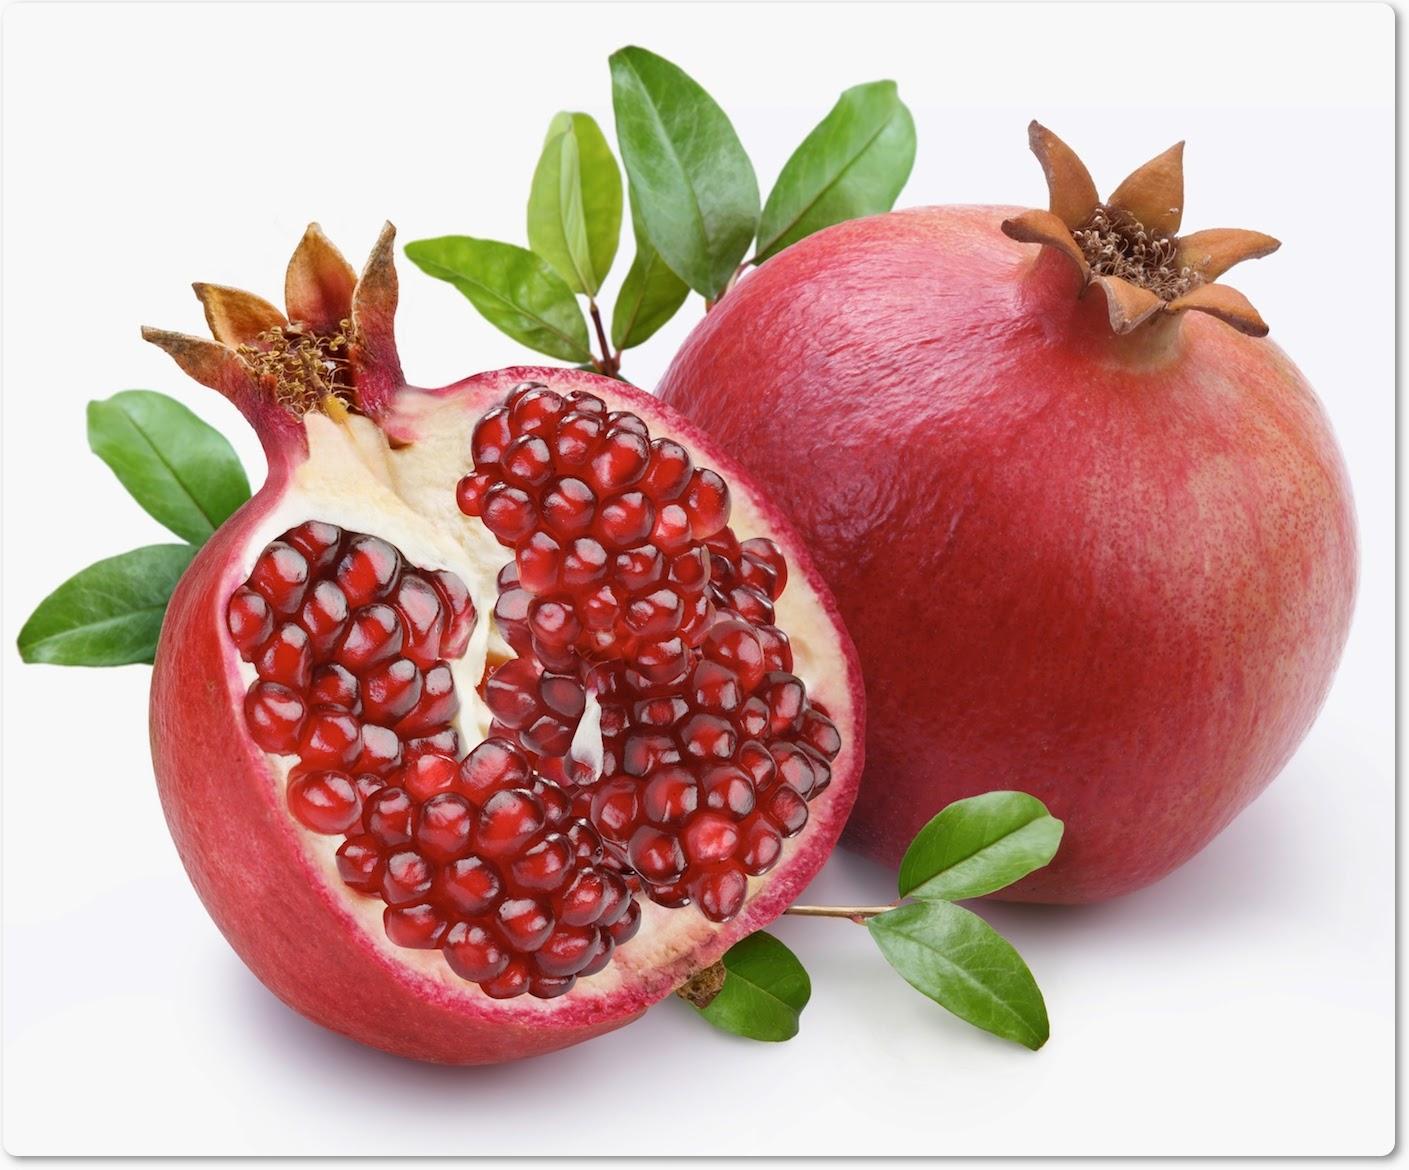 Плоды граната - чудесный компонент, волшебное мыло, магия граната, гранат, компоненты для домашней косметик